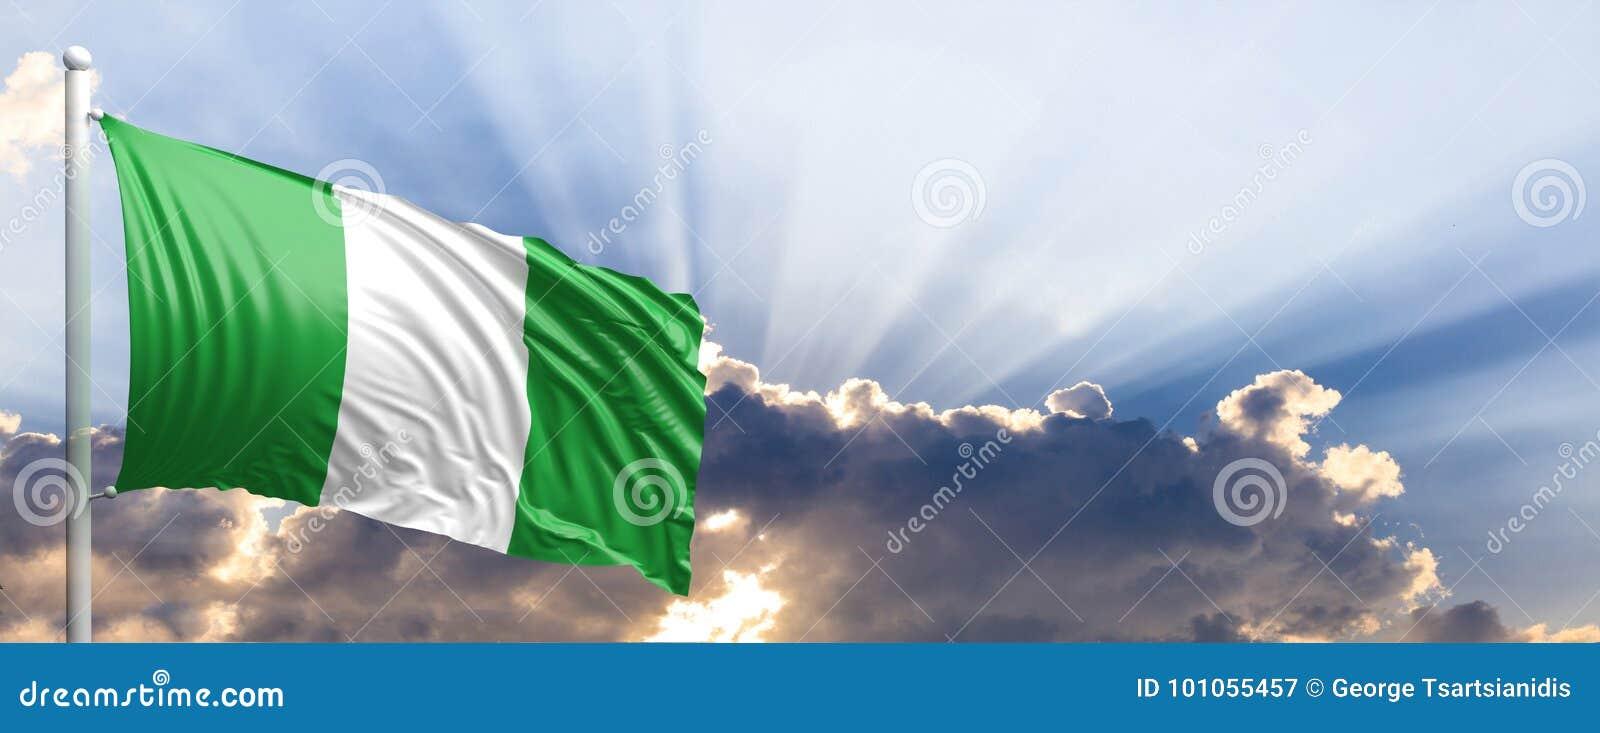 Download Nigeria Flag On Blue Sky. 3d Illustration Stock Illustration - Illustration of lone, fabric: 101055457